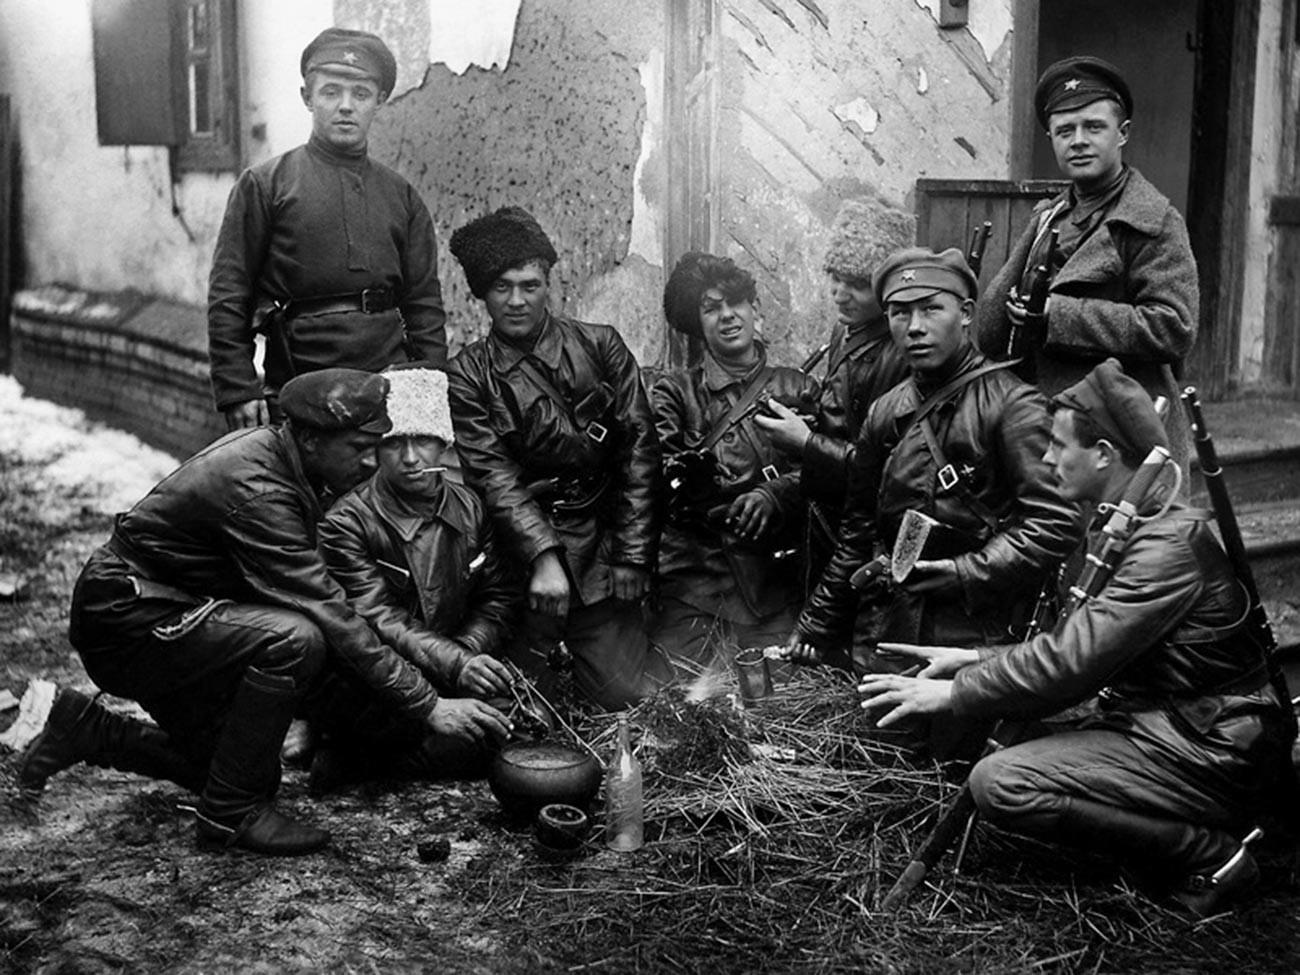 Die Soldaten der Roten Armee